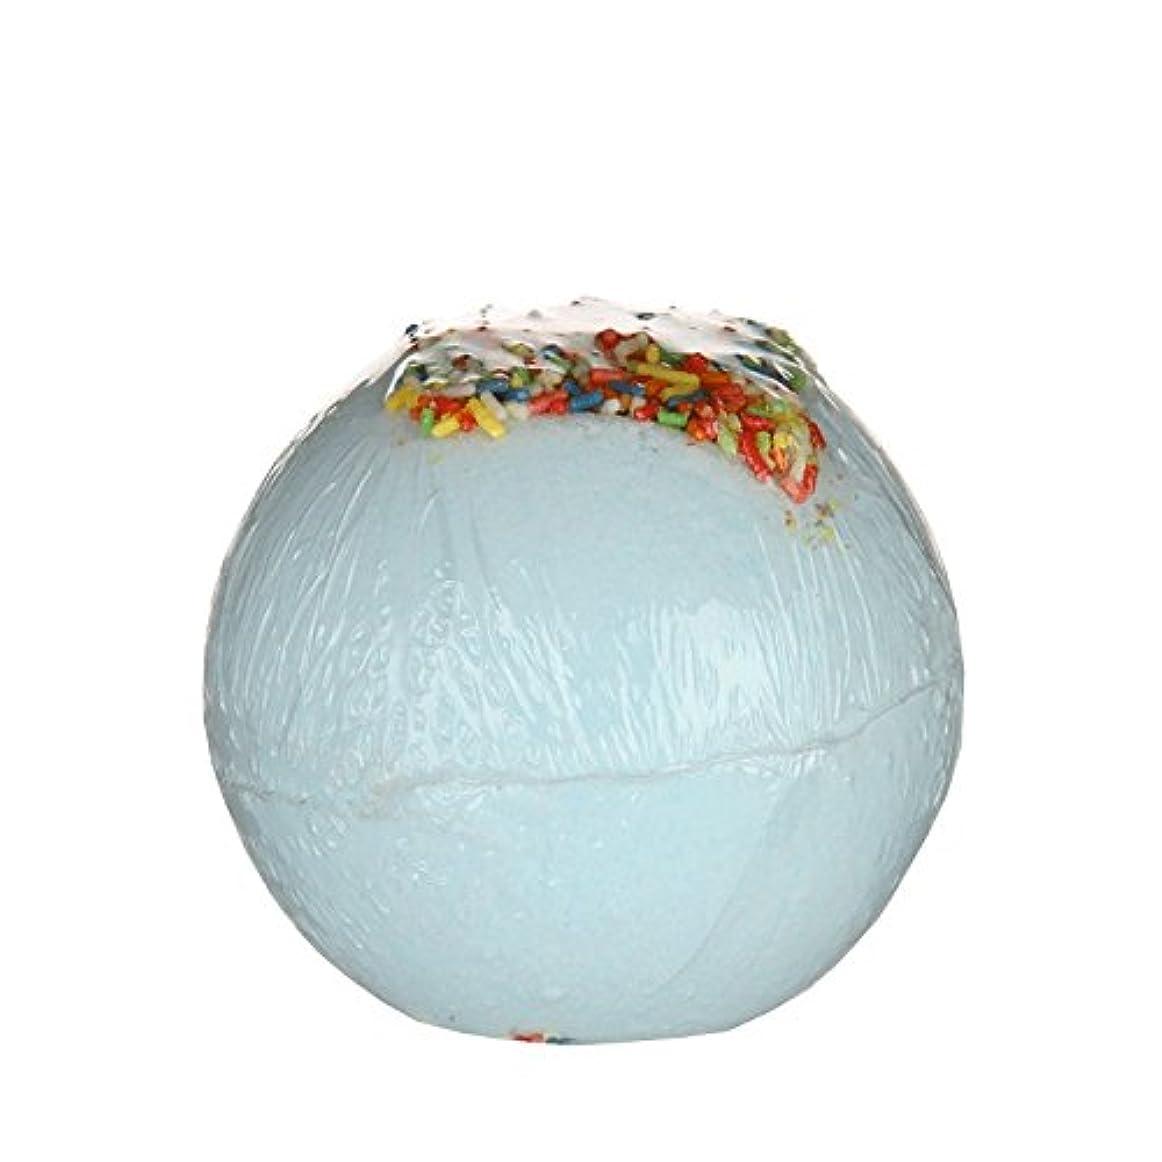 伝導激しい王位Treetsバスボールディスコバス170グラム - Treets Bath Ball Disco Bath 170g (Treets) [並行輸入品]